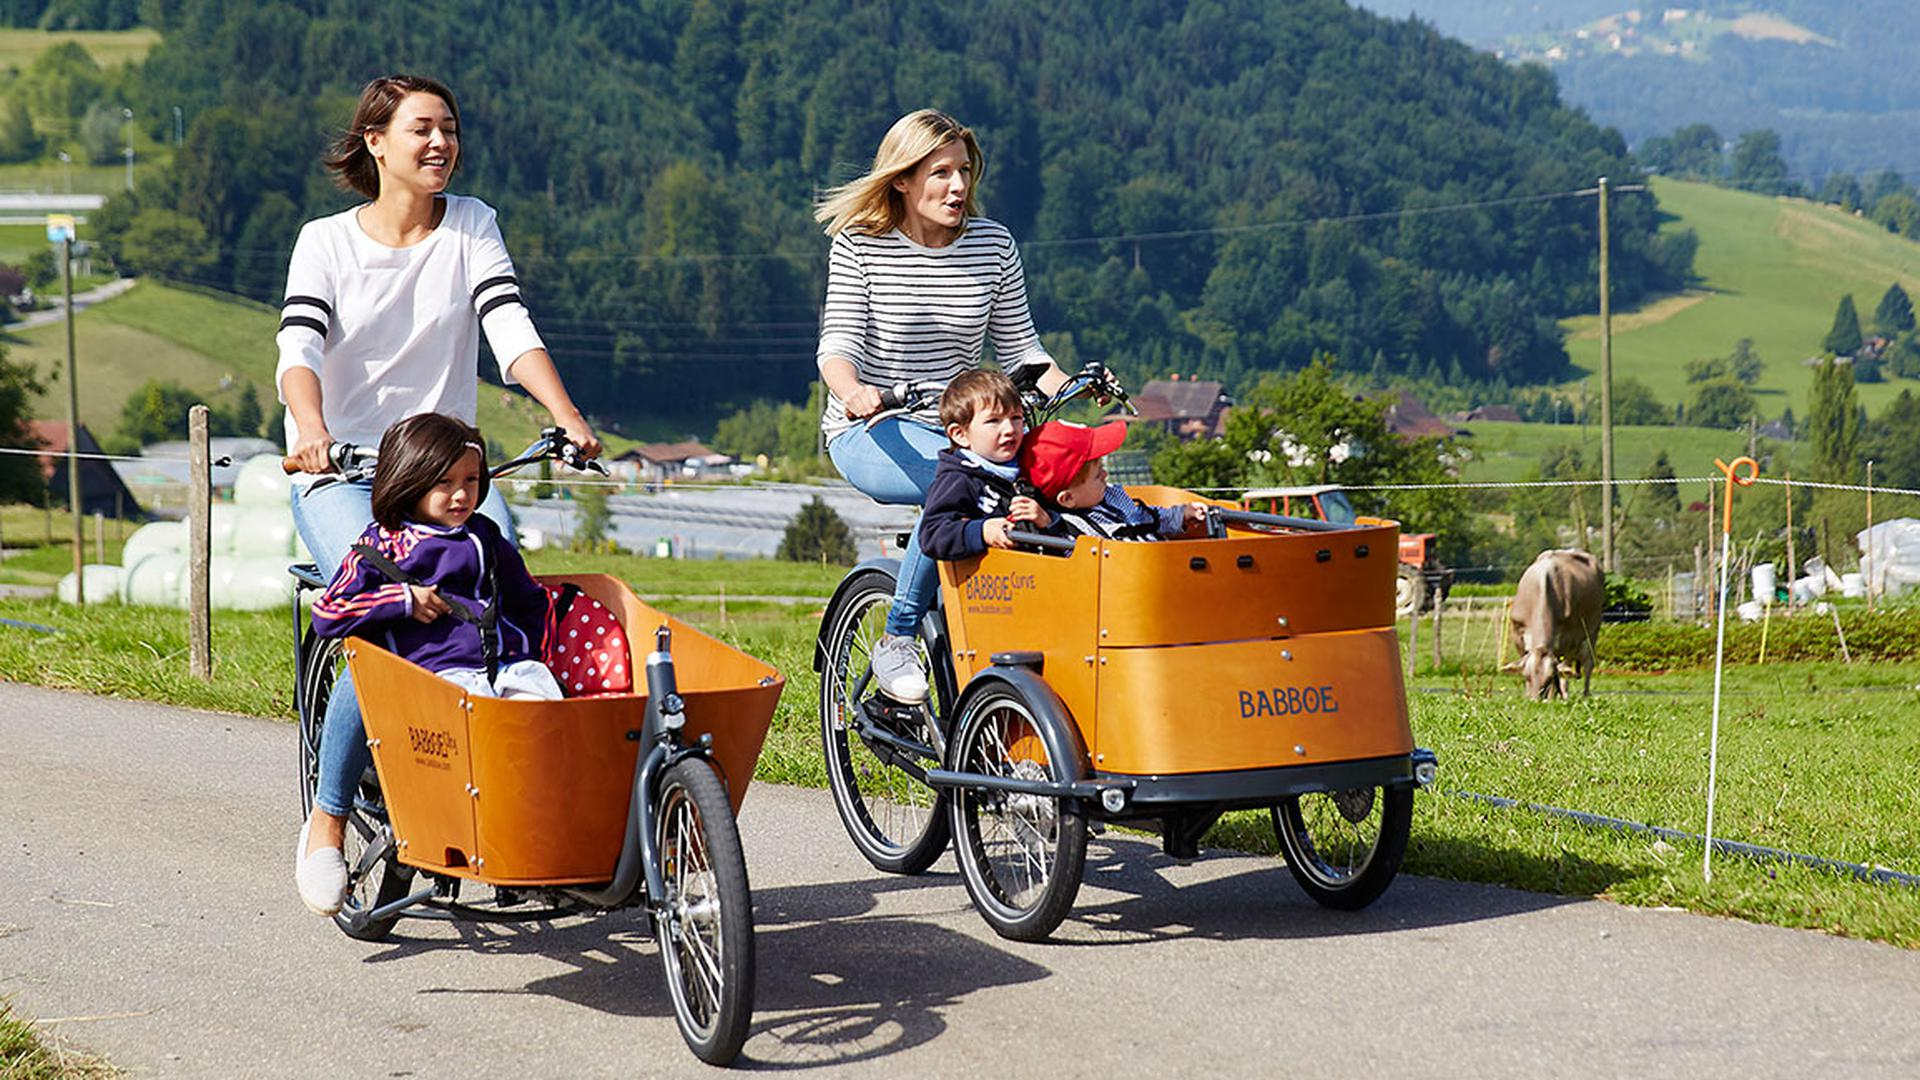 Es ist schon lange überfällig, dass in ländlich geprägten Regionen wie der Hardt mehr Lastenräder unterwegs sind. (Symbolfoto)